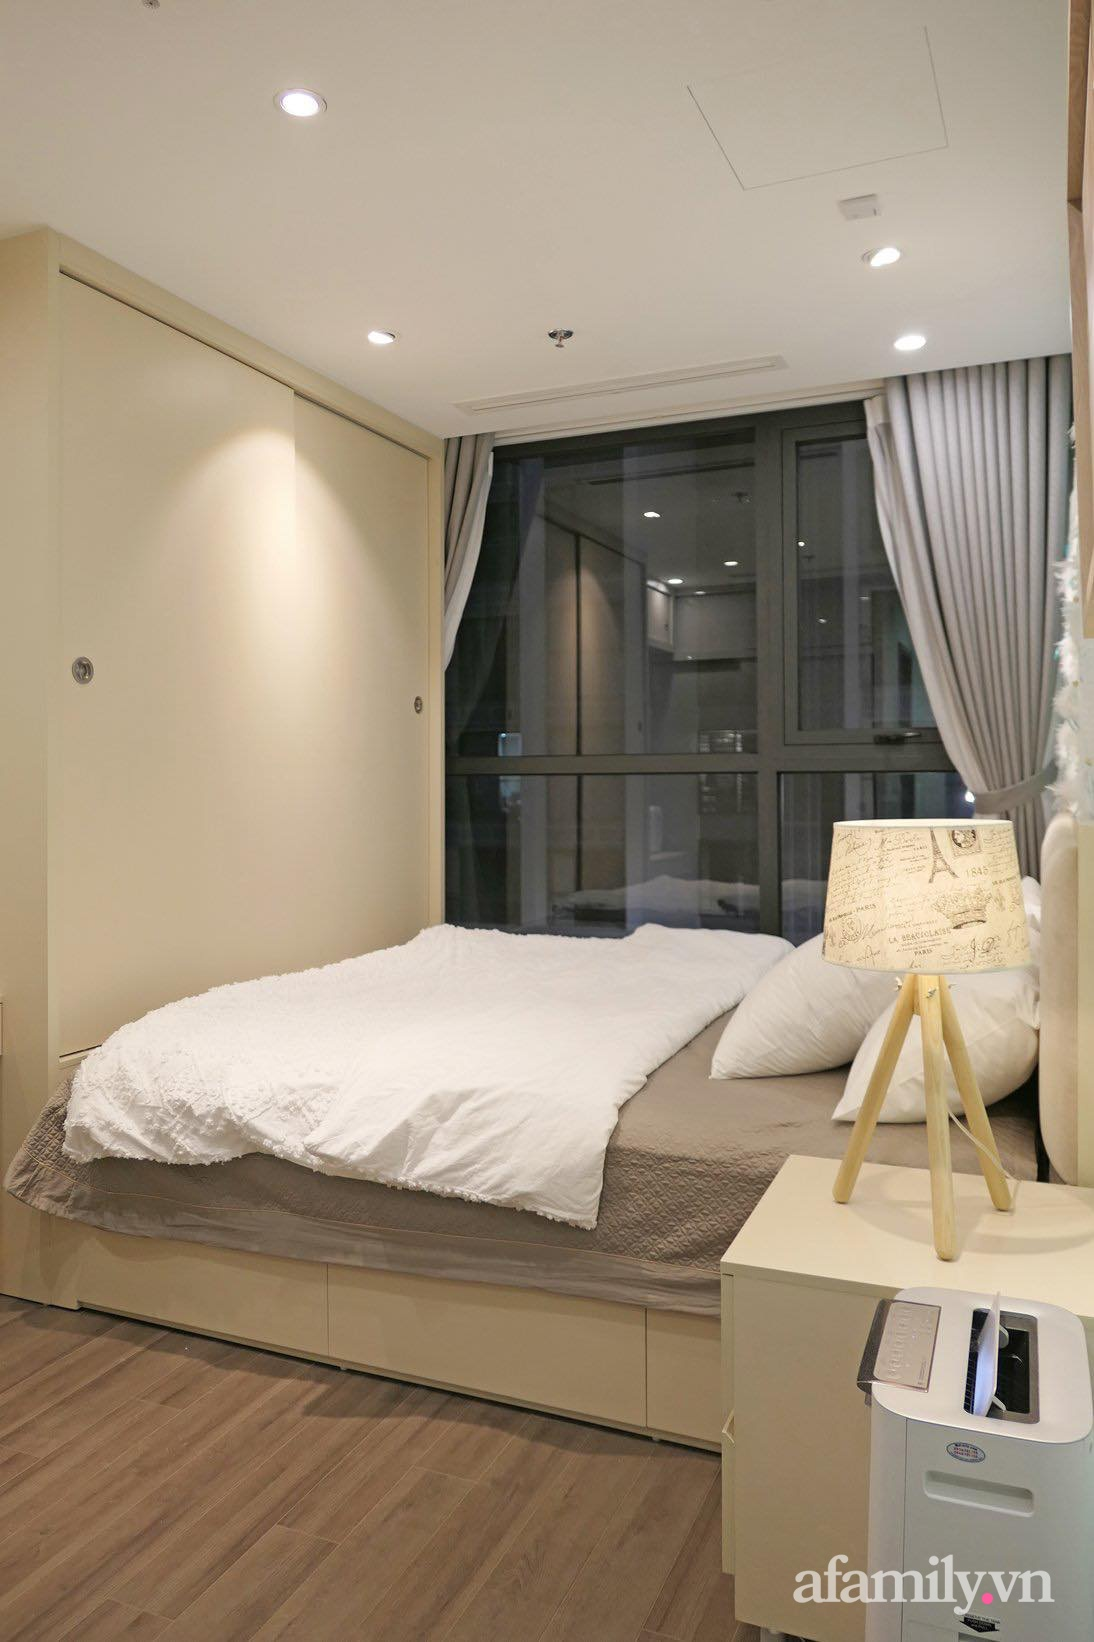 """Căn hộ siêu dễ thương decor theo phong cách Vintage được chủ nhà hoàn thiện """"vội"""" trong 10 ngày ở Hà Nội - Ảnh 19."""